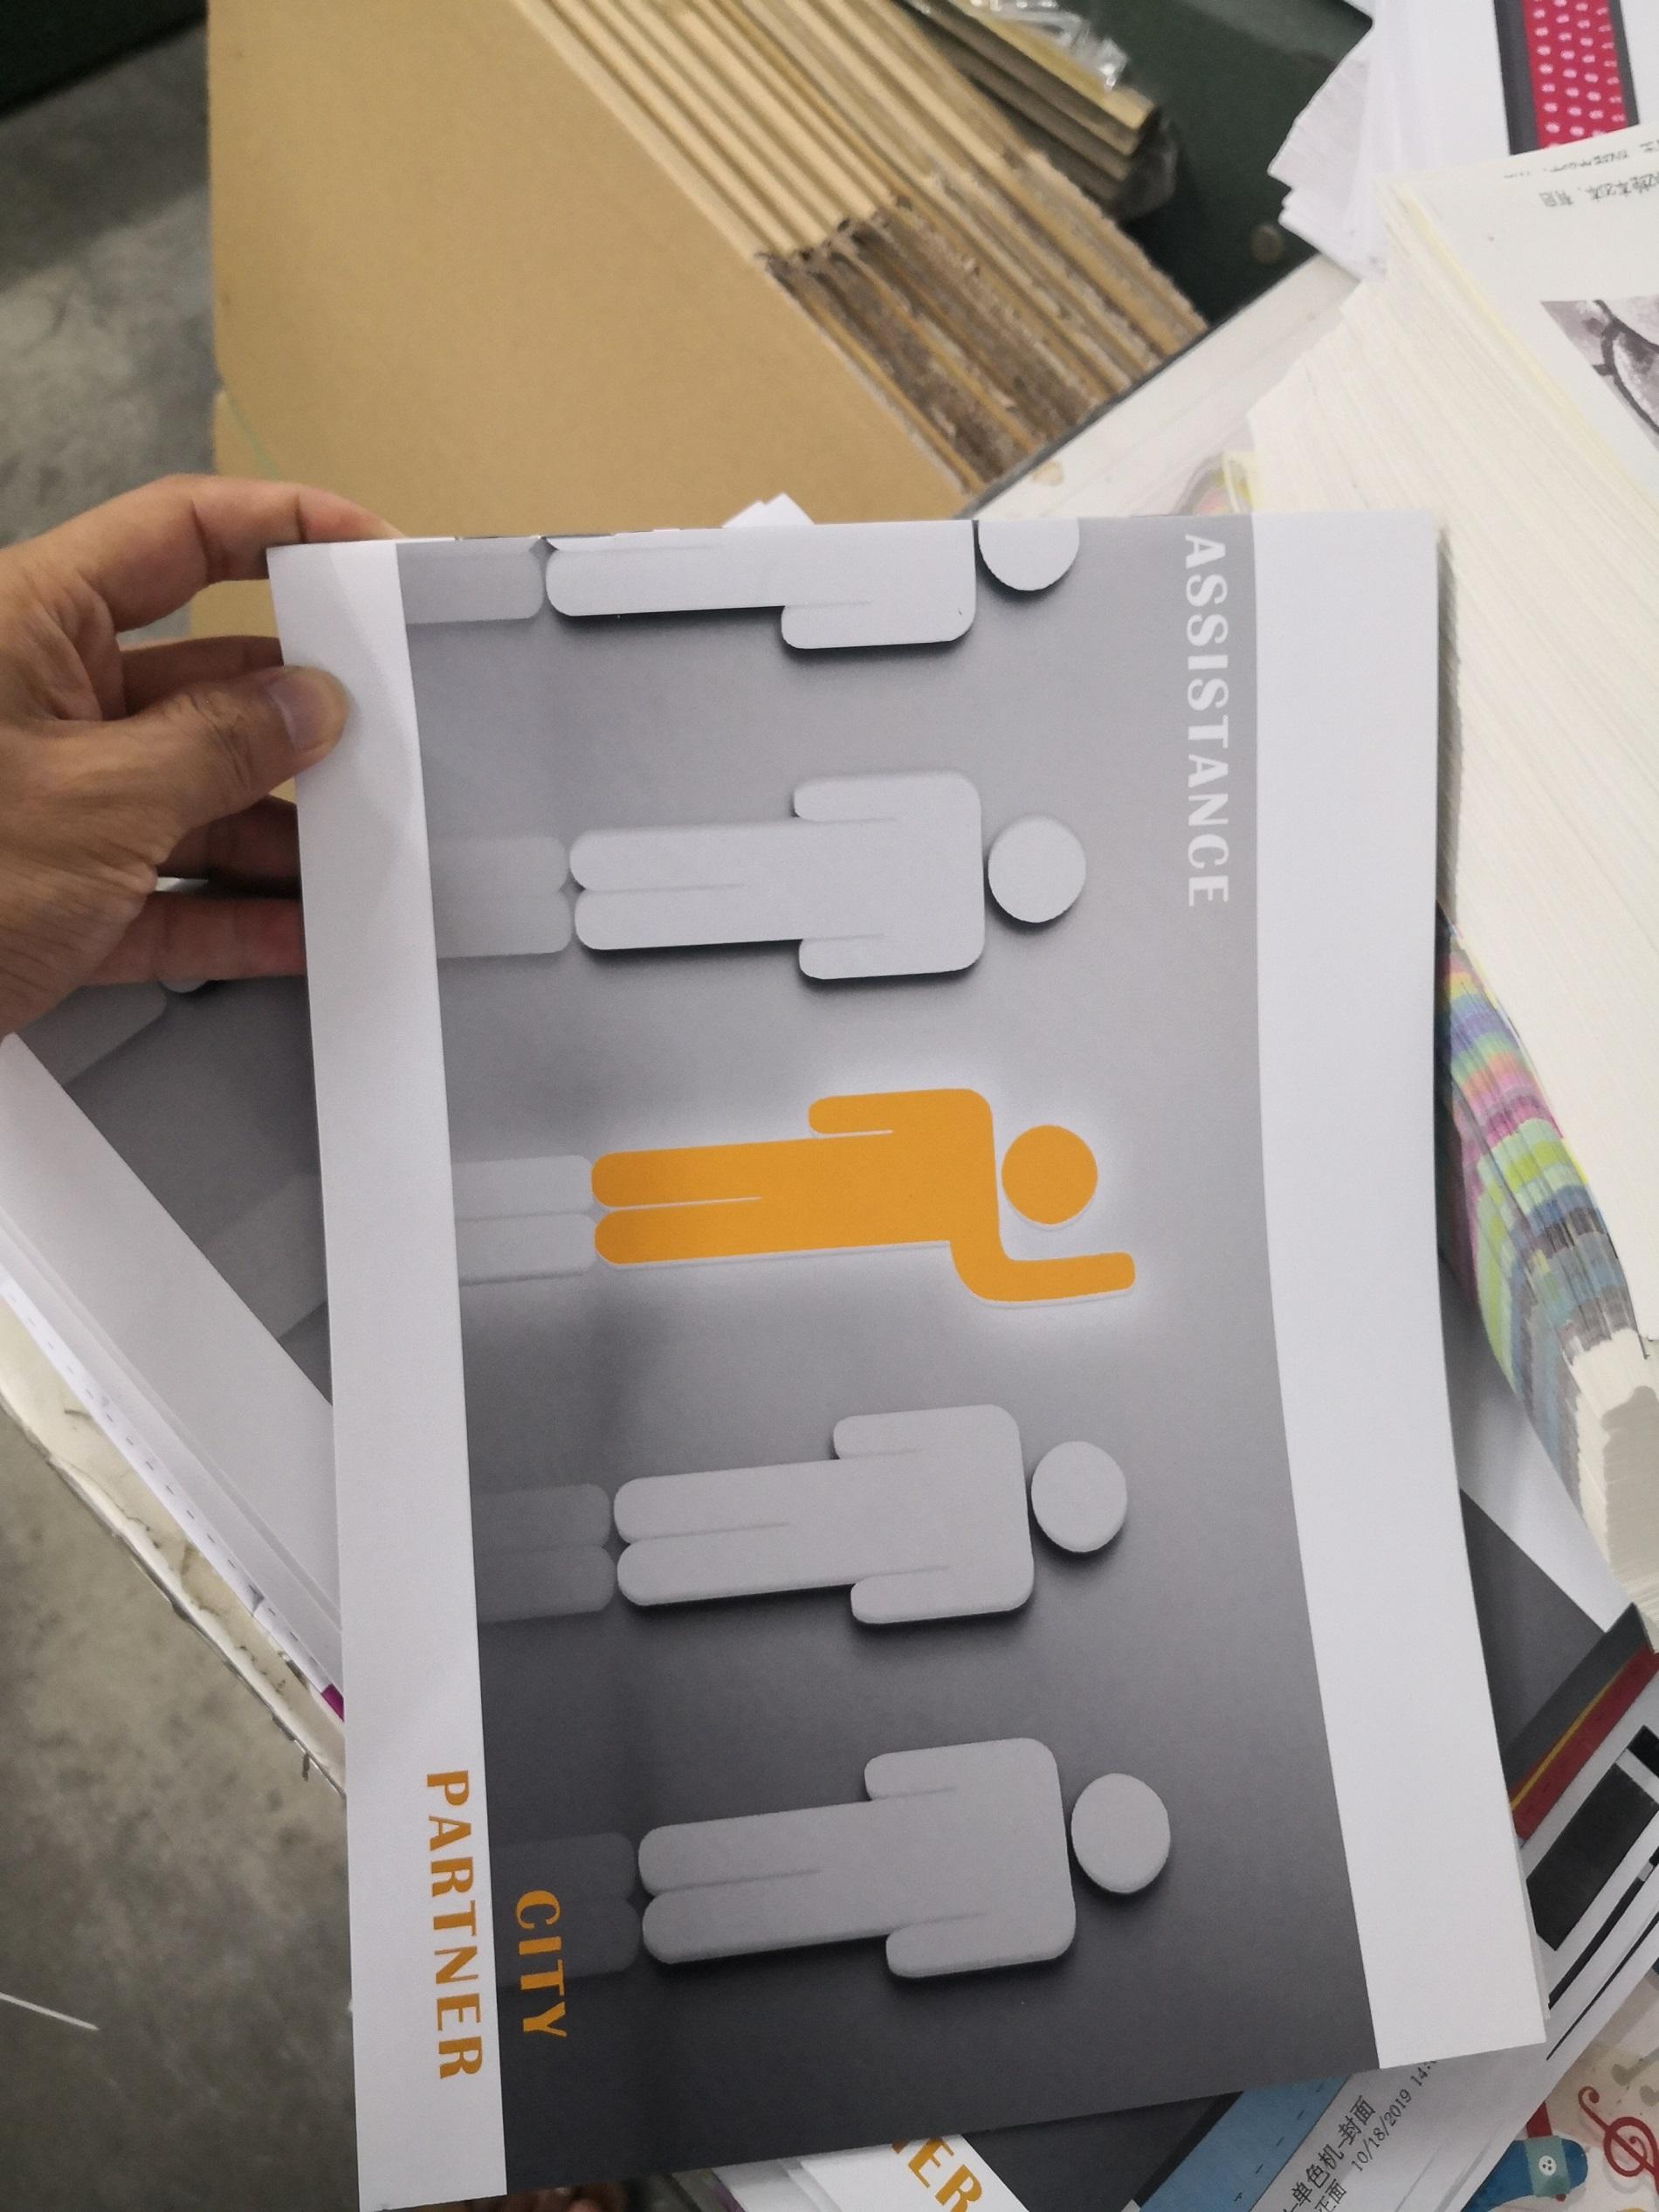 锦州有声画册印刷书籍印刷公司制作热线